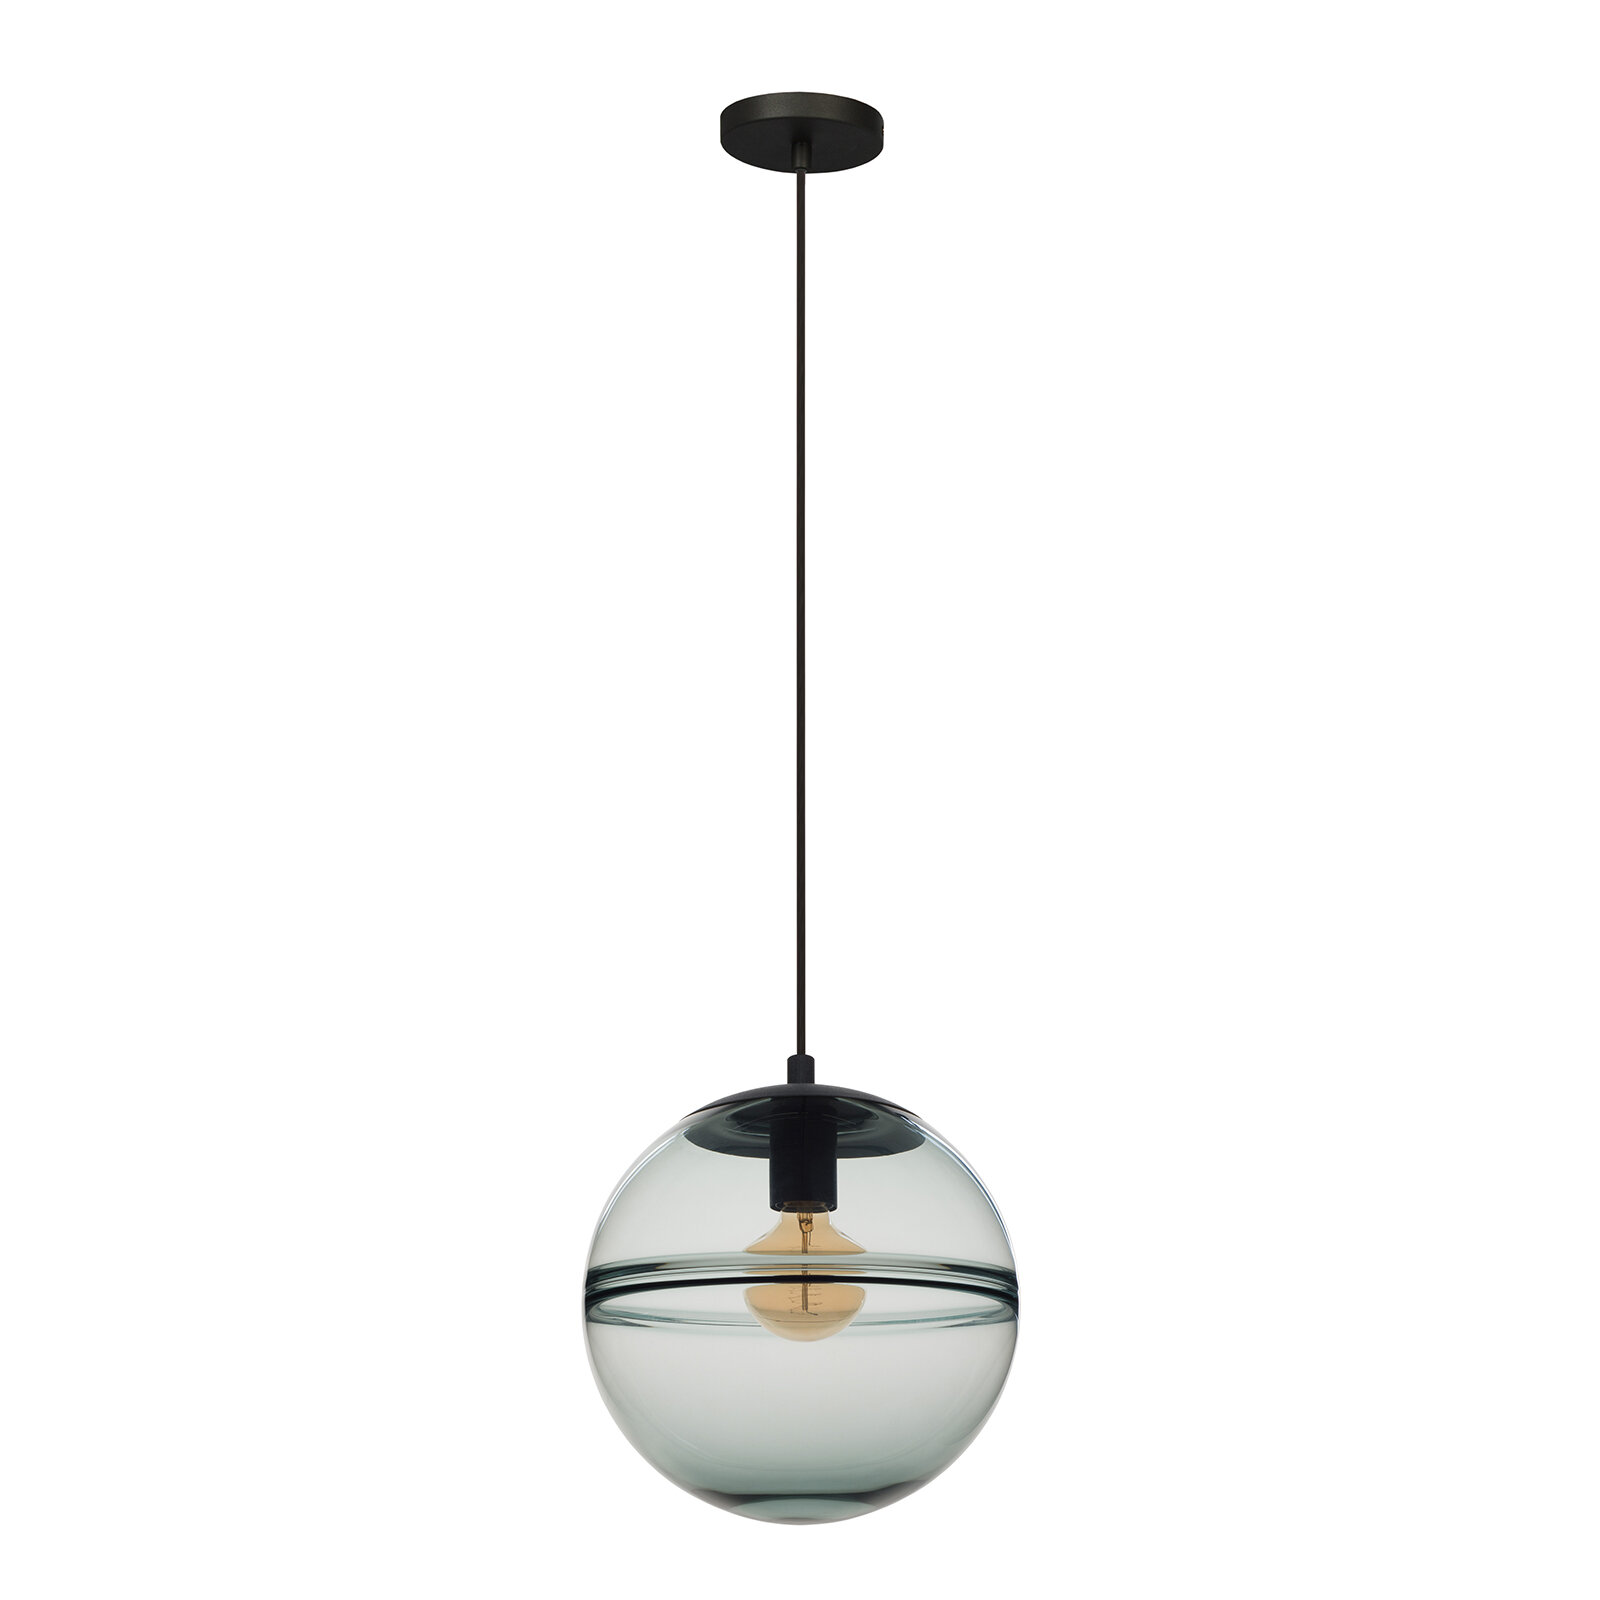 Goulding 1 Light Single Globe Pendant Reviews Allmodern